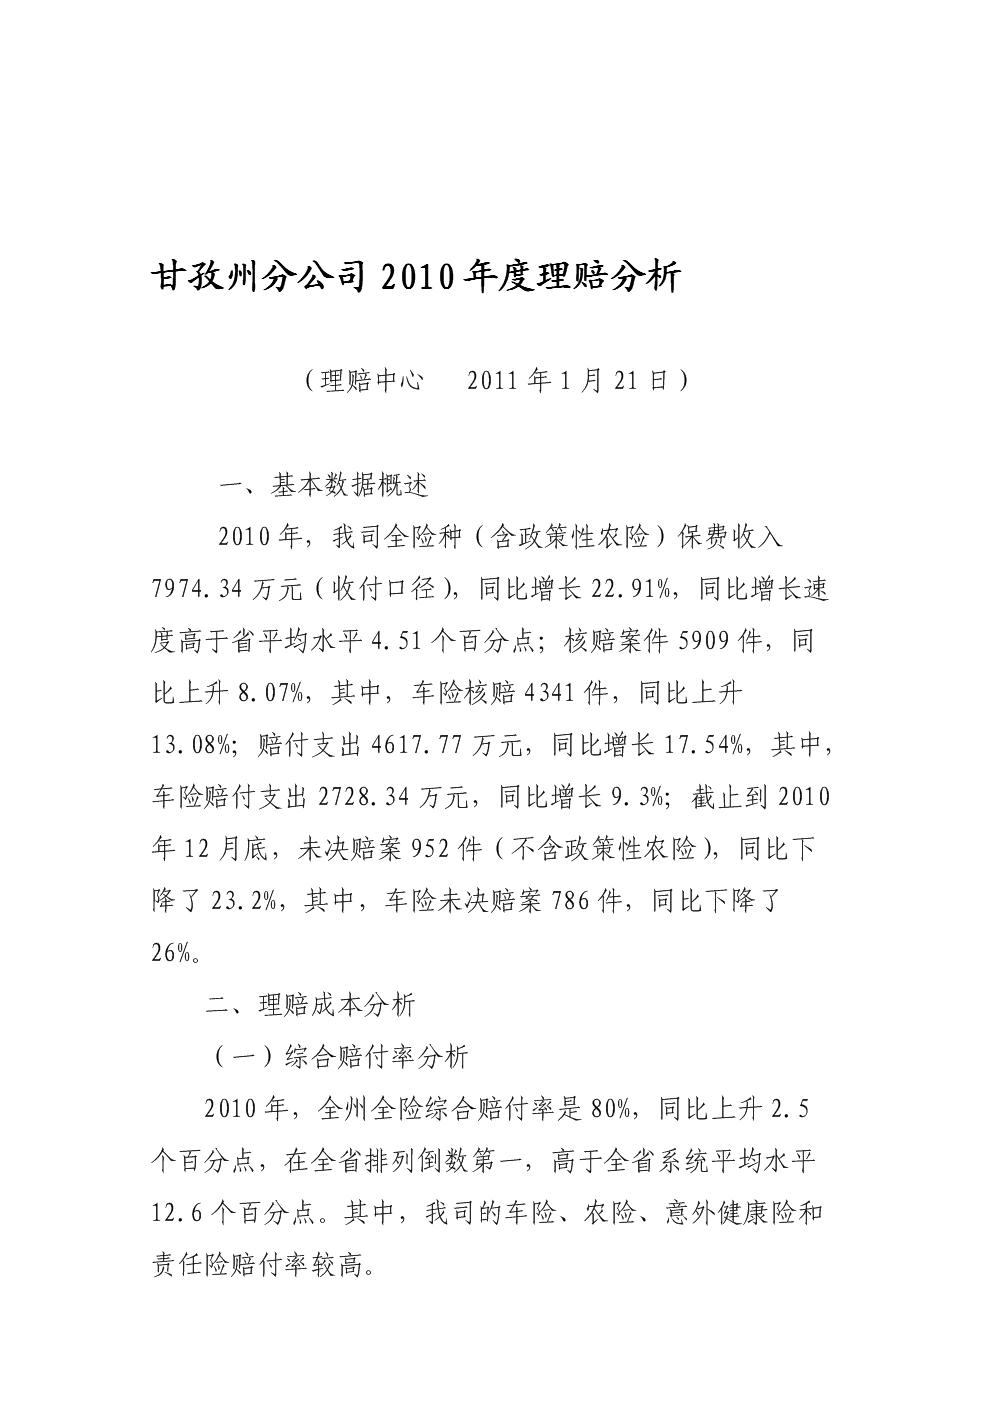 甘孜州分公司2010年度理赔分析(修改).doc